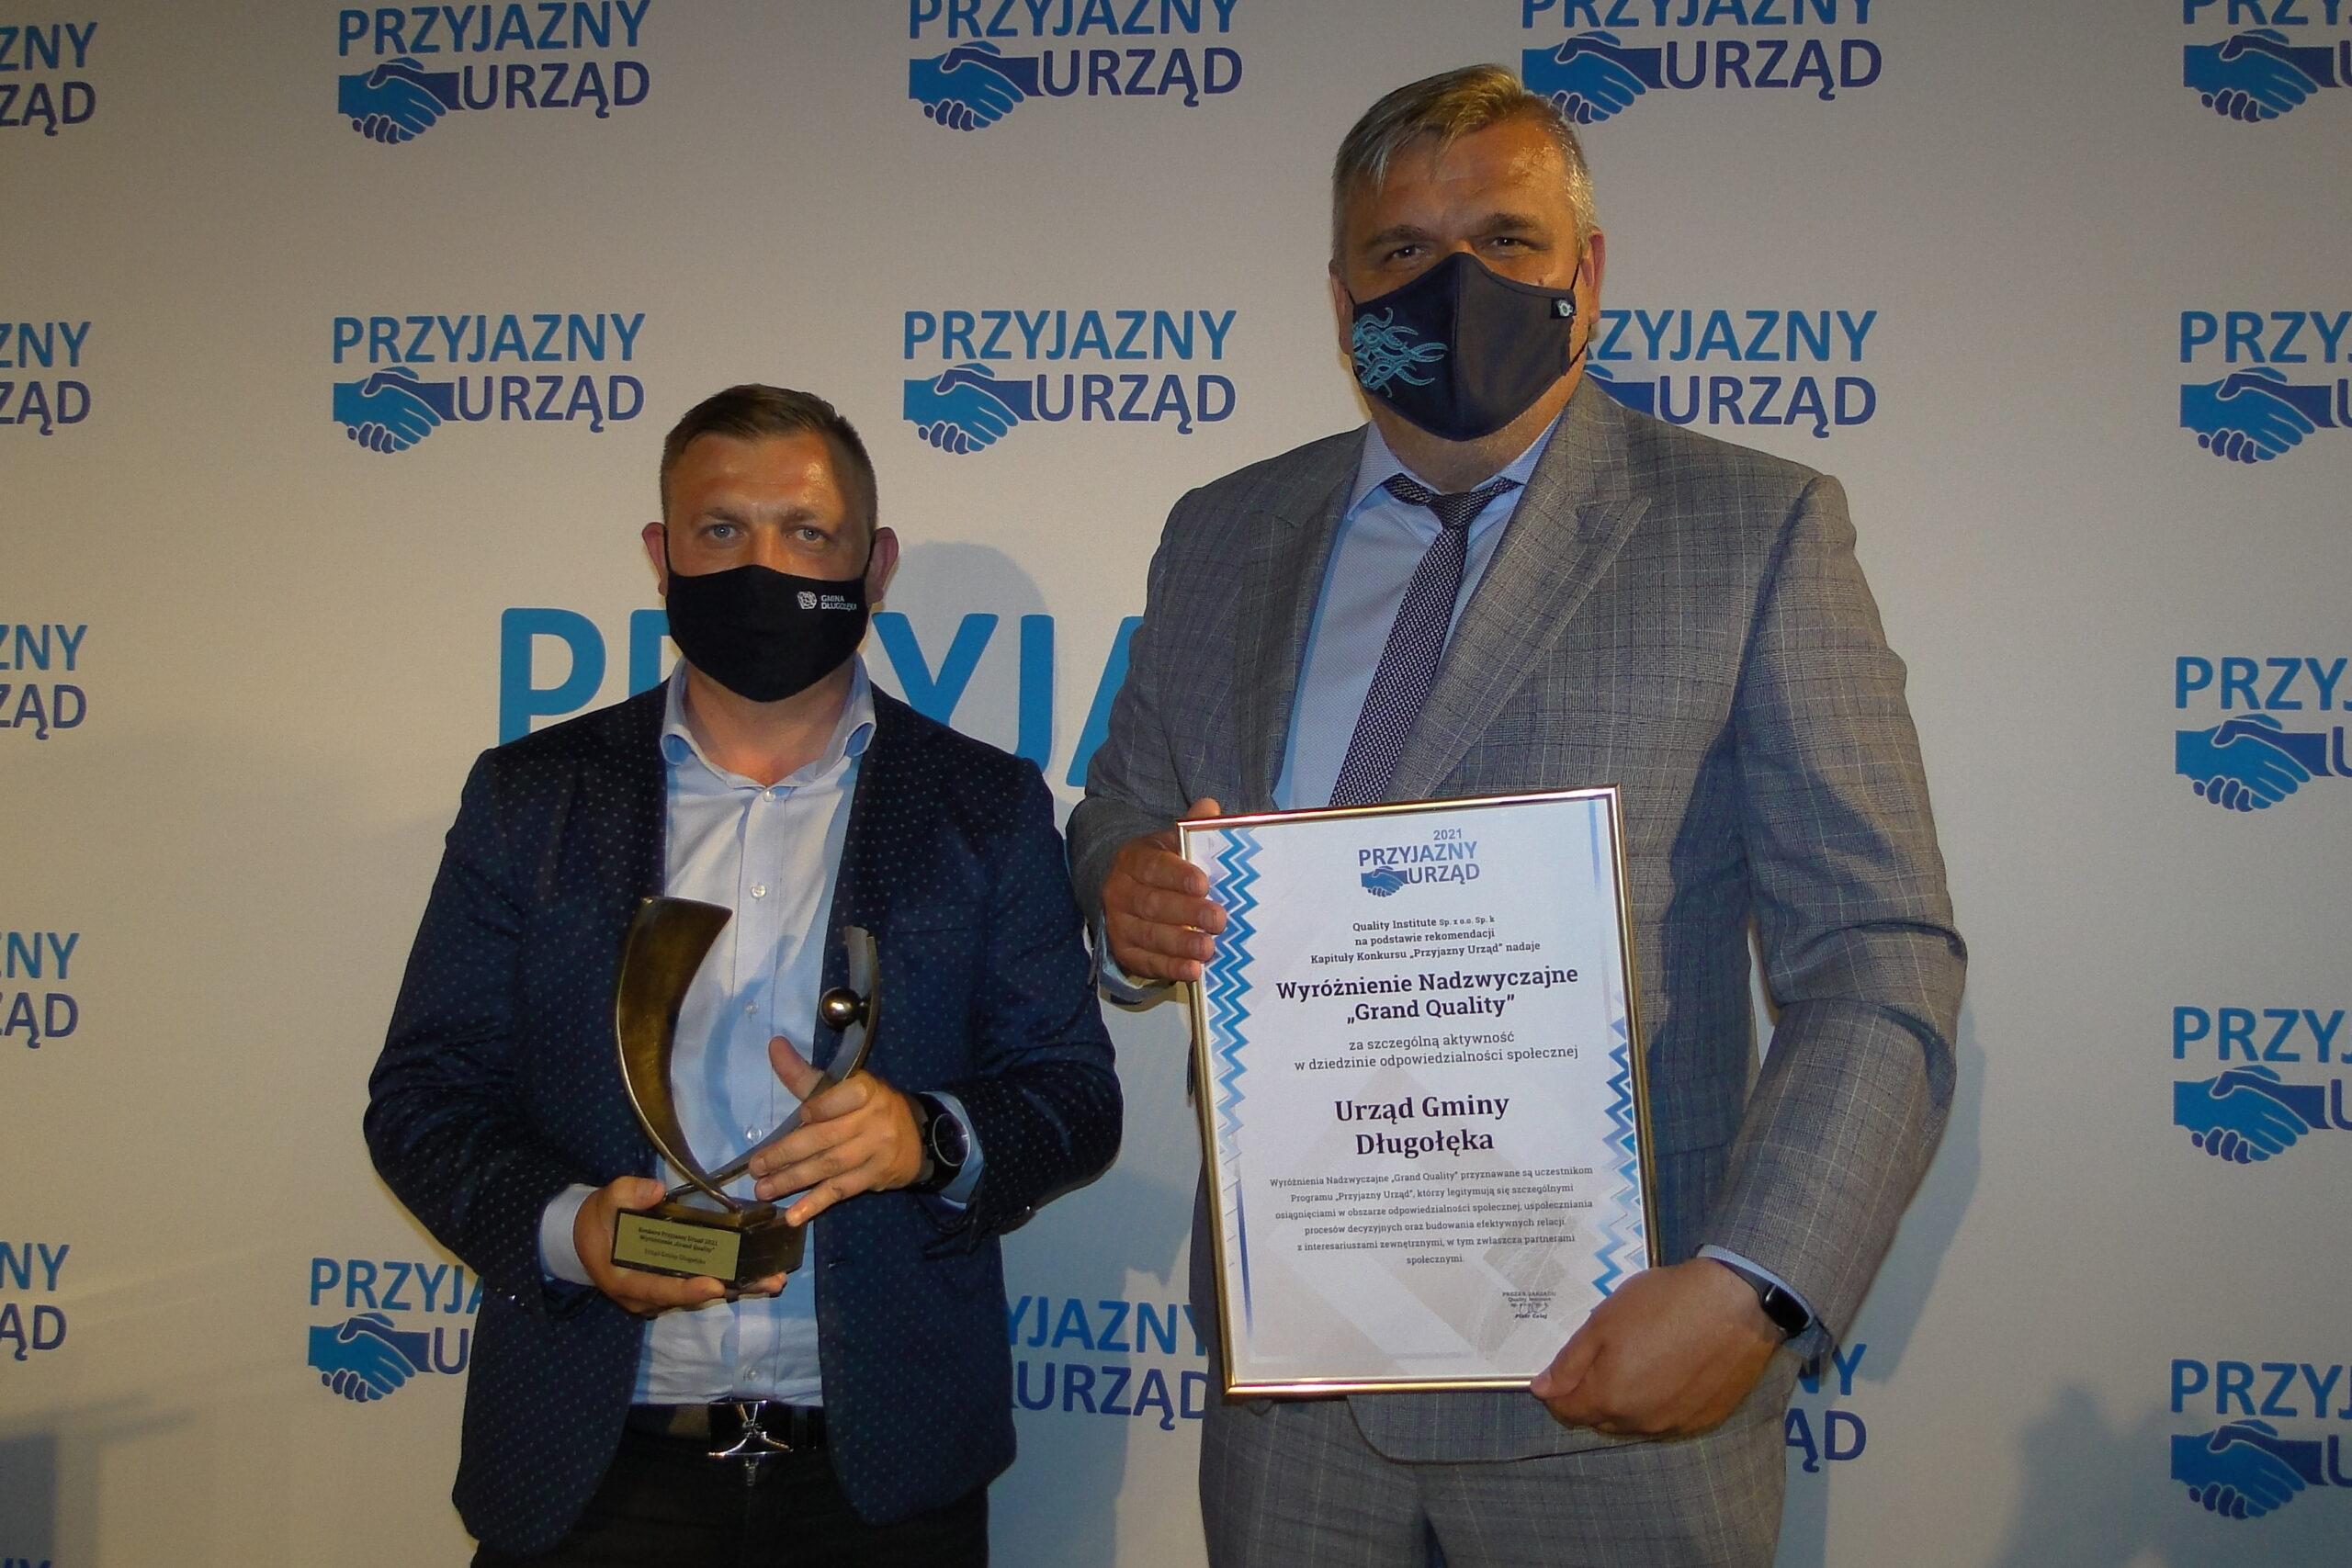 Przyjazny Urząd i Grand Quality dla gminy Długołęka